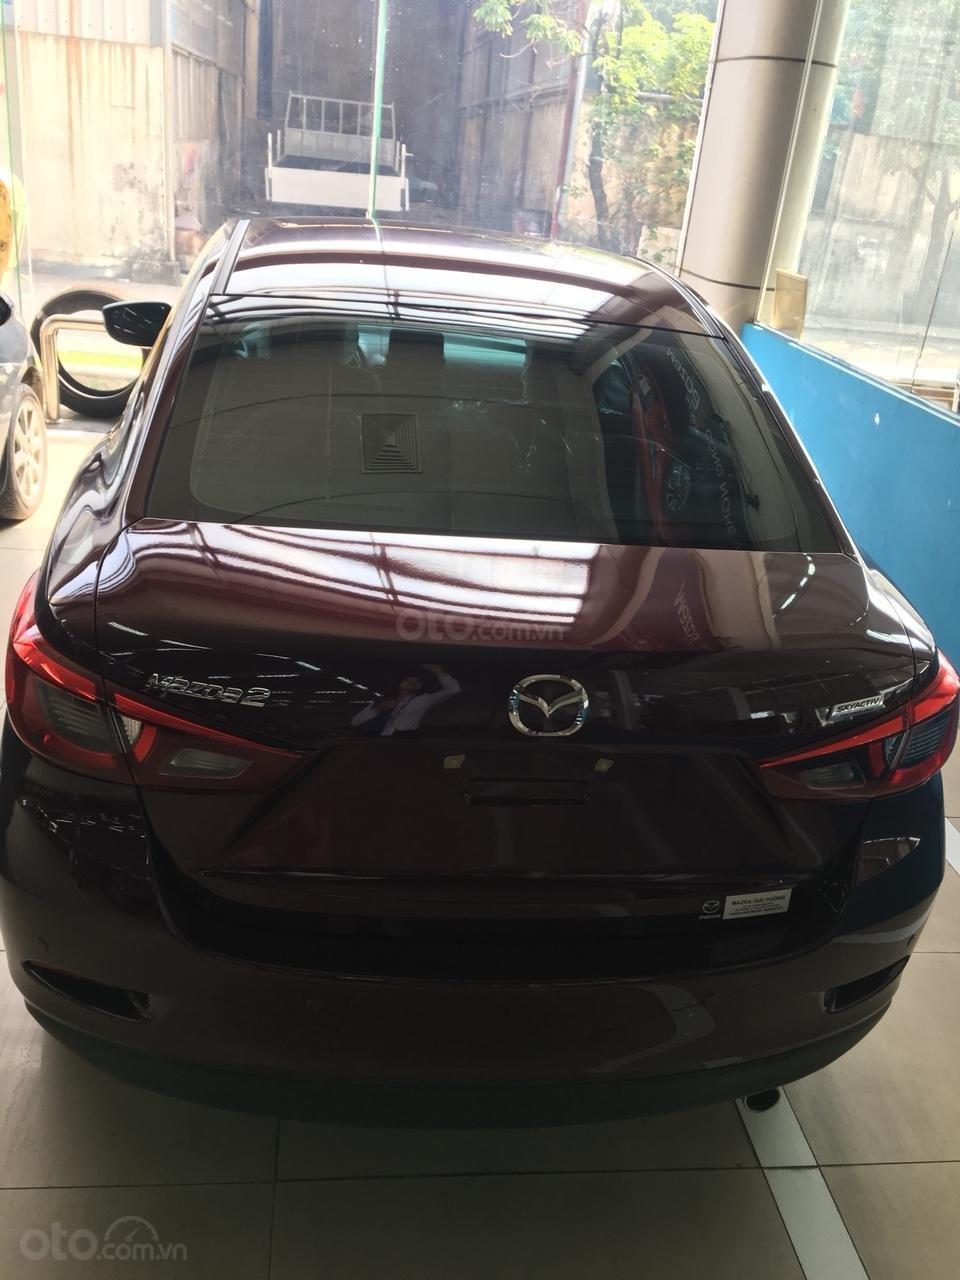 Mazda Hà Đông bán xe Mazda 2 đủ màu, đủ phiên bản giao ngay - LH: 0944601785 để nhận thêm ưu đãi-8